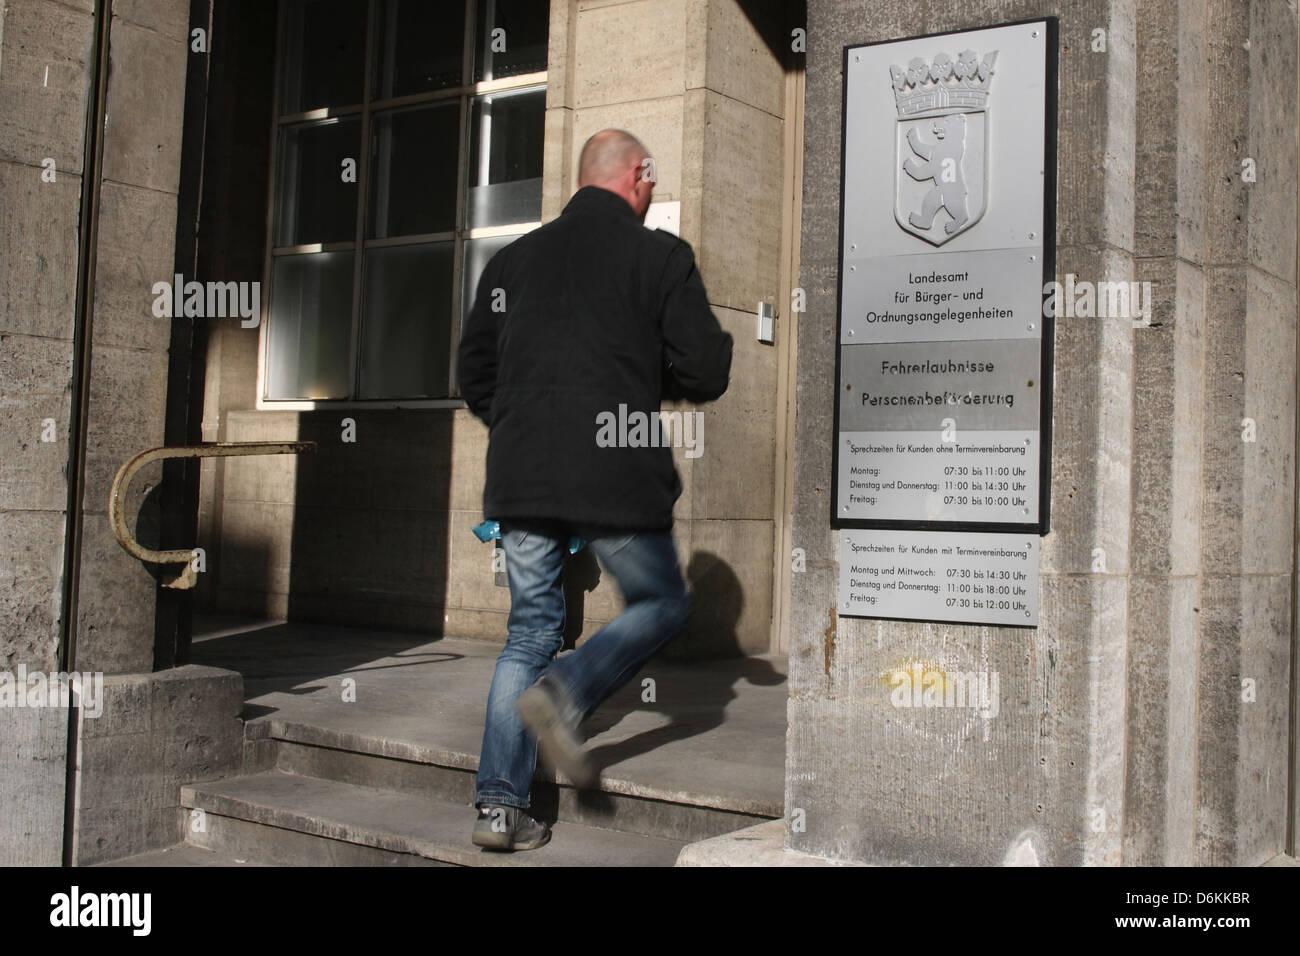 Berlino, Germania, l'entrata dell'Ufficio statale per i cittadini e per i problemi di pianificazione Immagini Stock